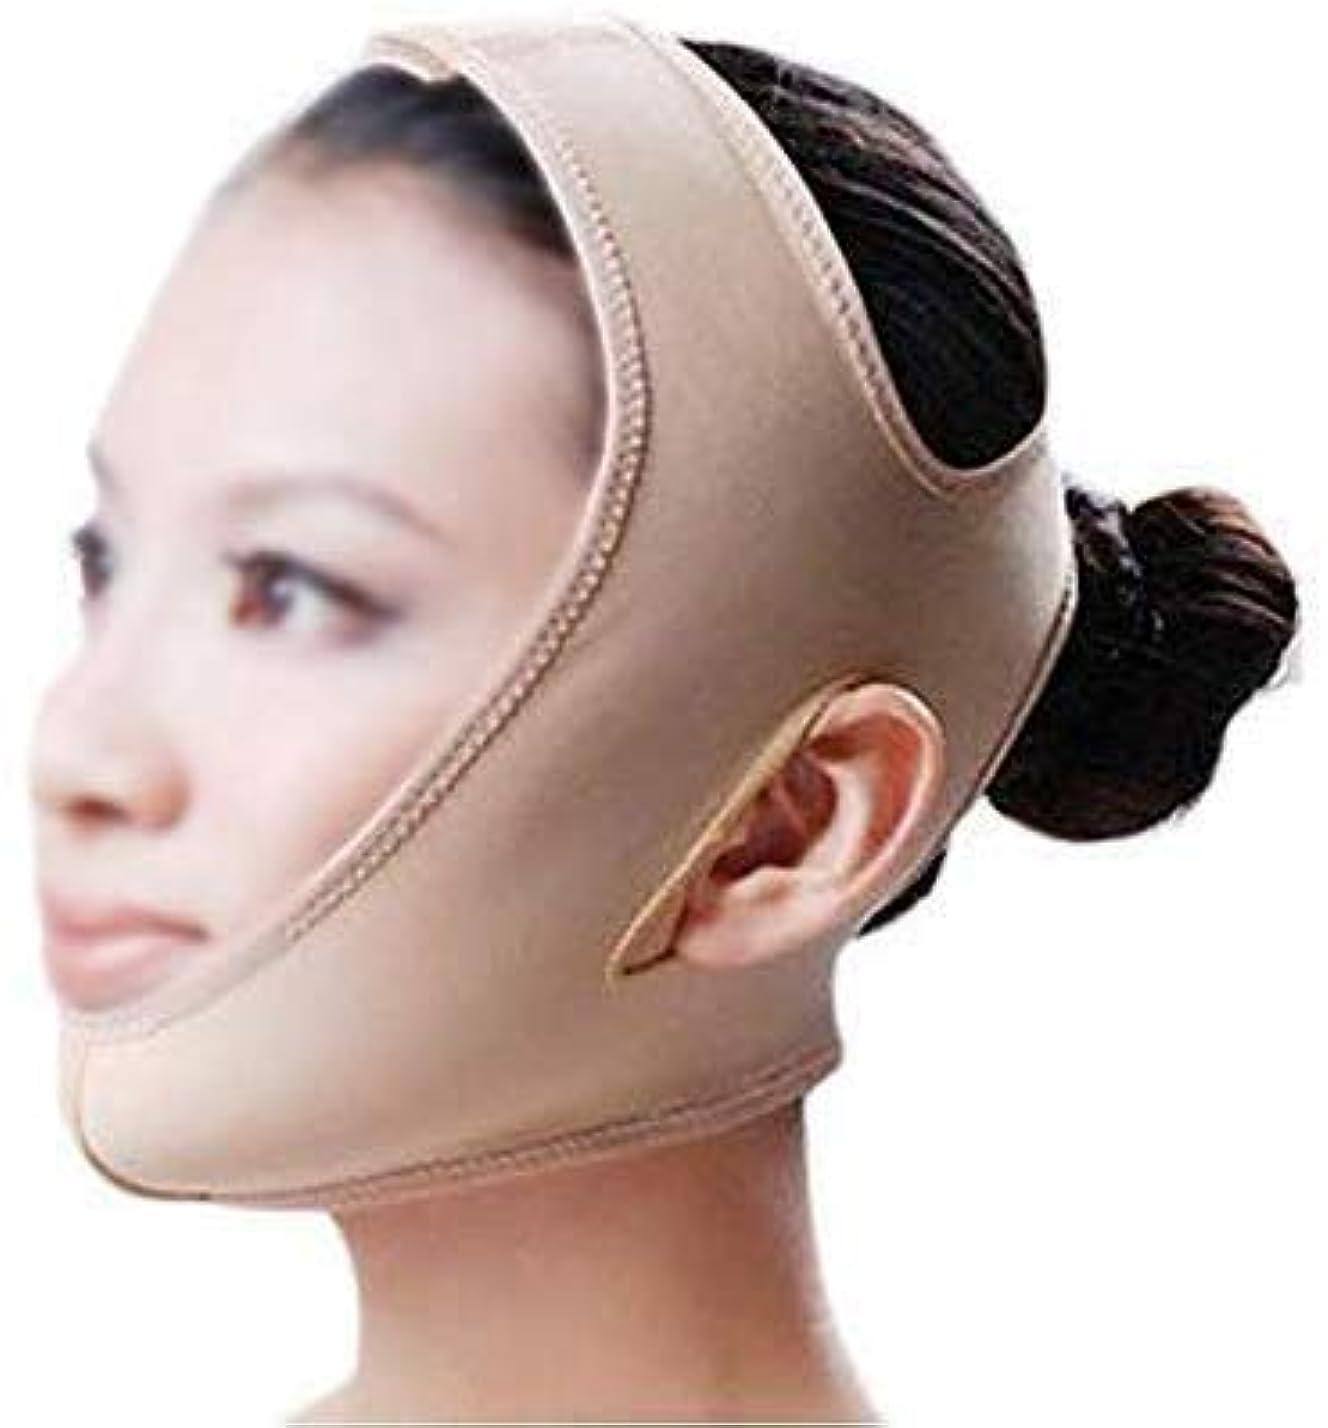 鍔意味する上に築きますスリミングVフェイスマスク、Vフェイススリムバンデージスキンケアリフトリデュースダブルチンフェイスマスクシンニングベルト(サイズ:Xl)